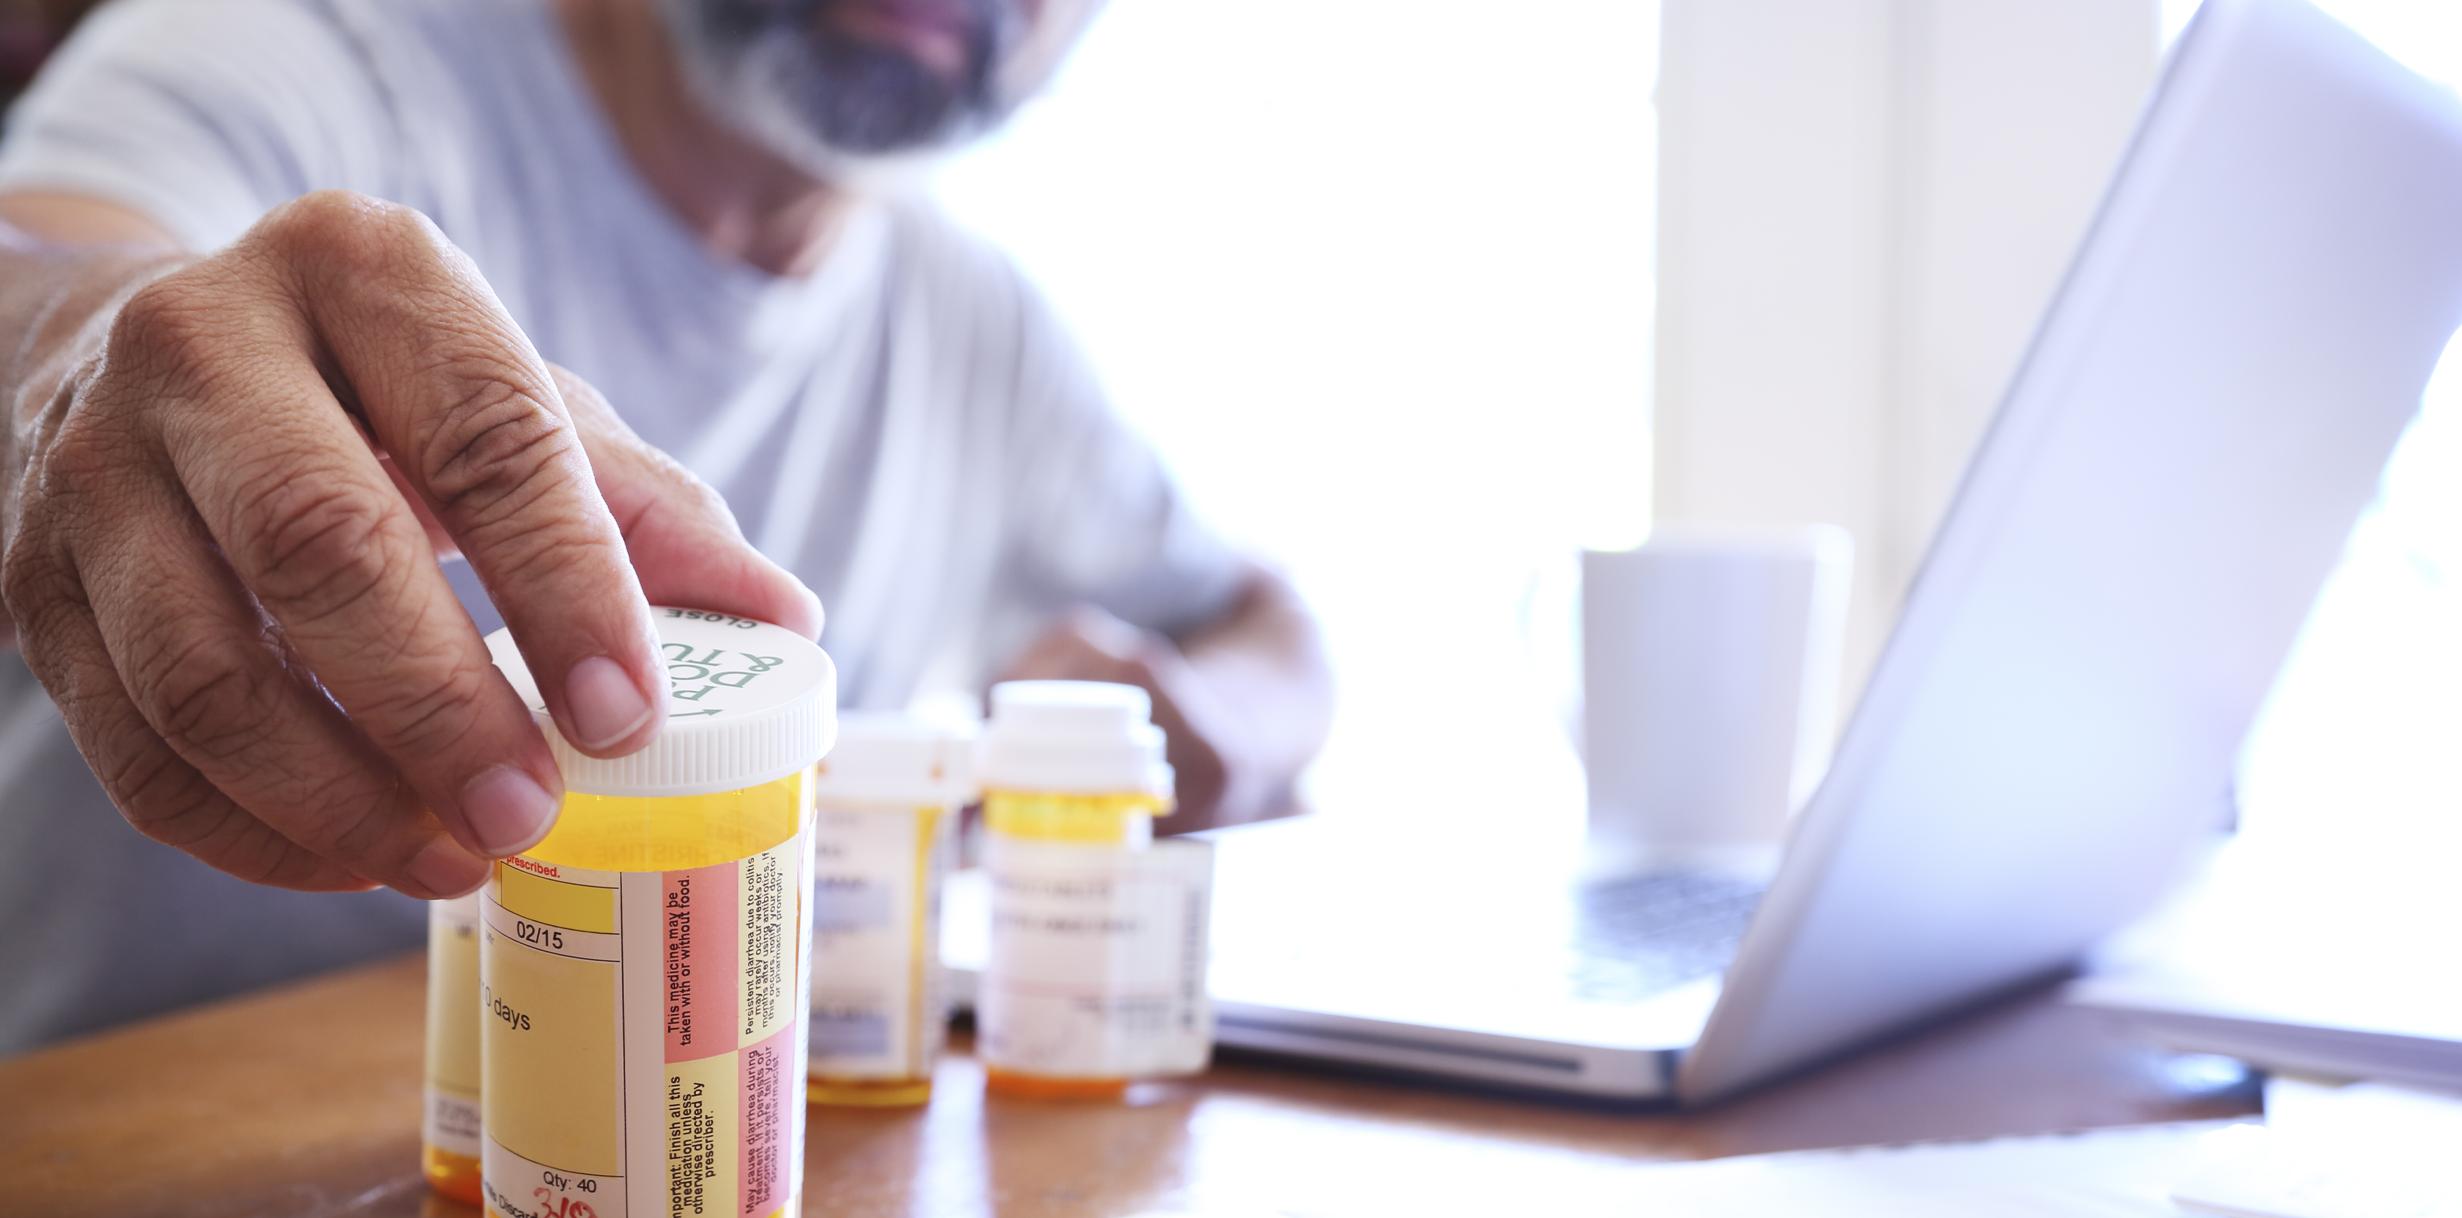 Checking Pharmaceutical Pill Bottles